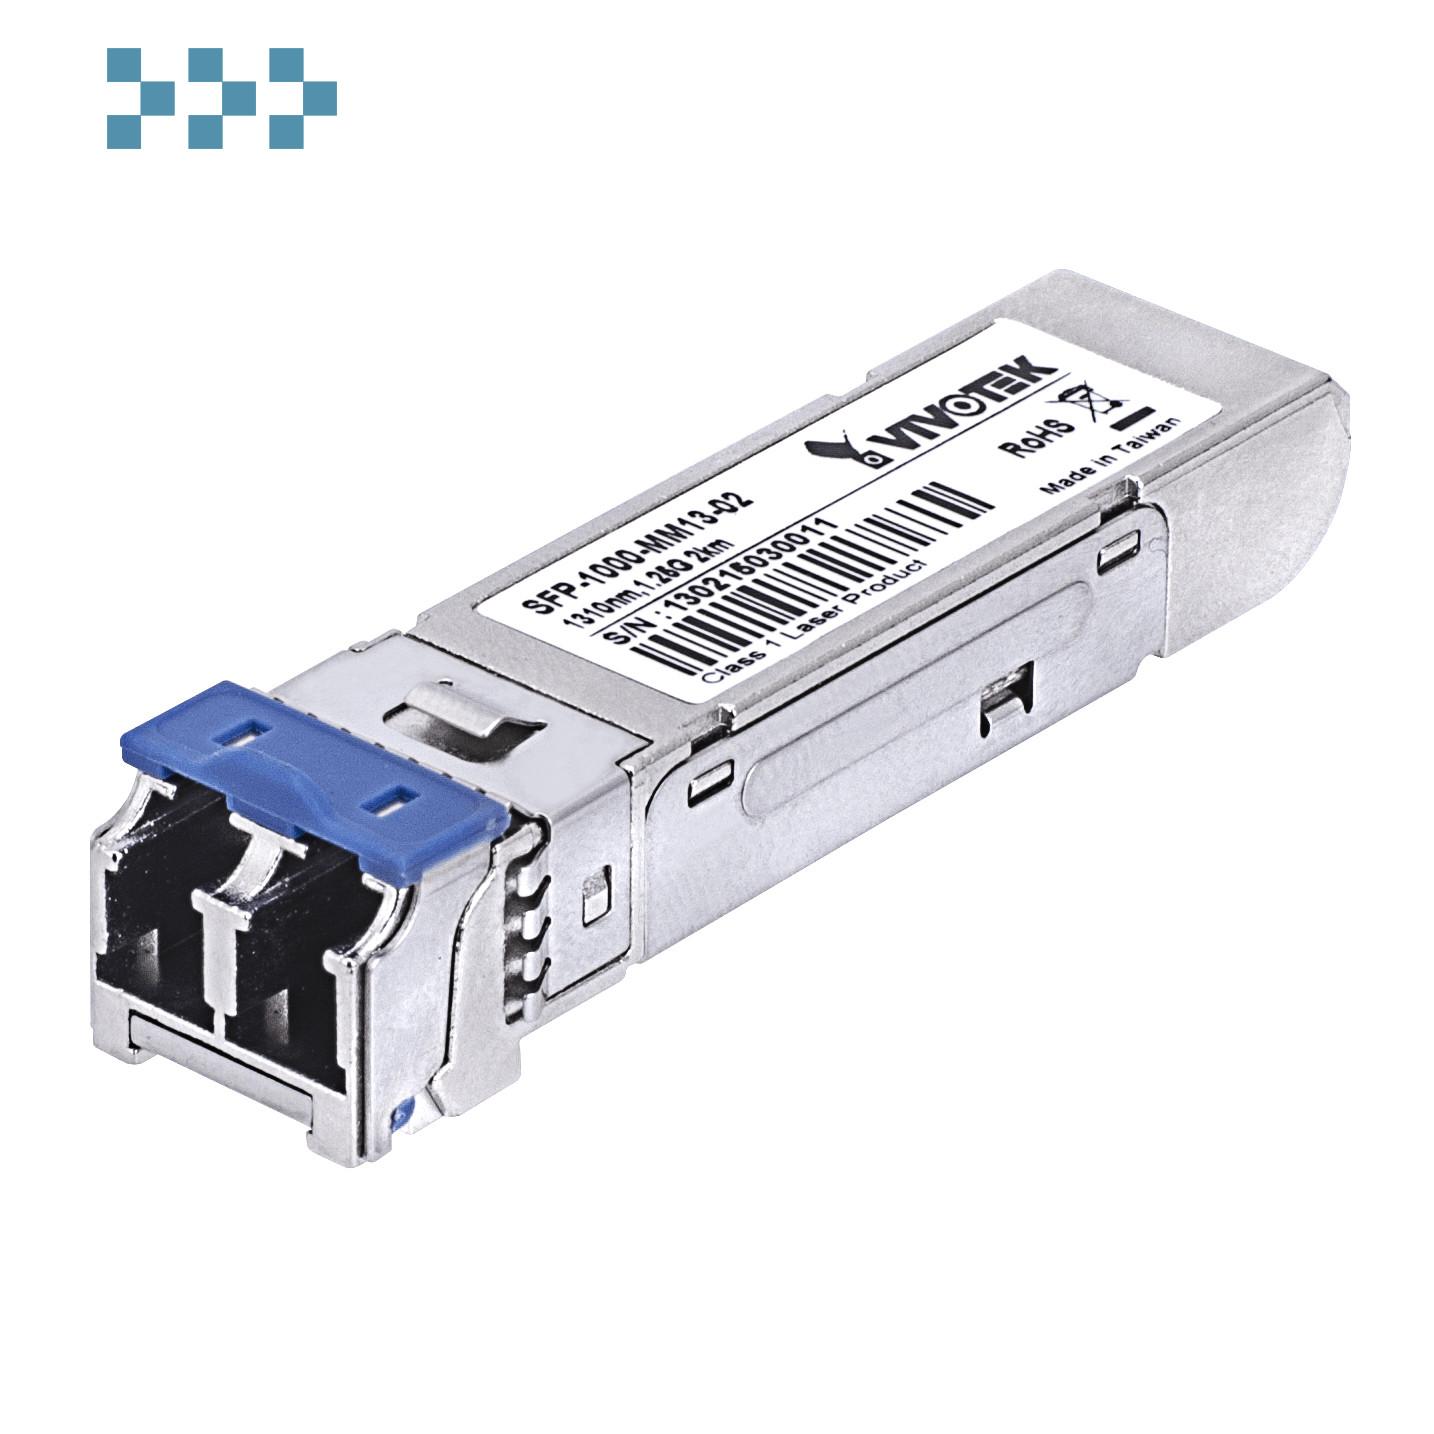 SFP-трансивер VIVOTEK SFP-1000-MM13-02I